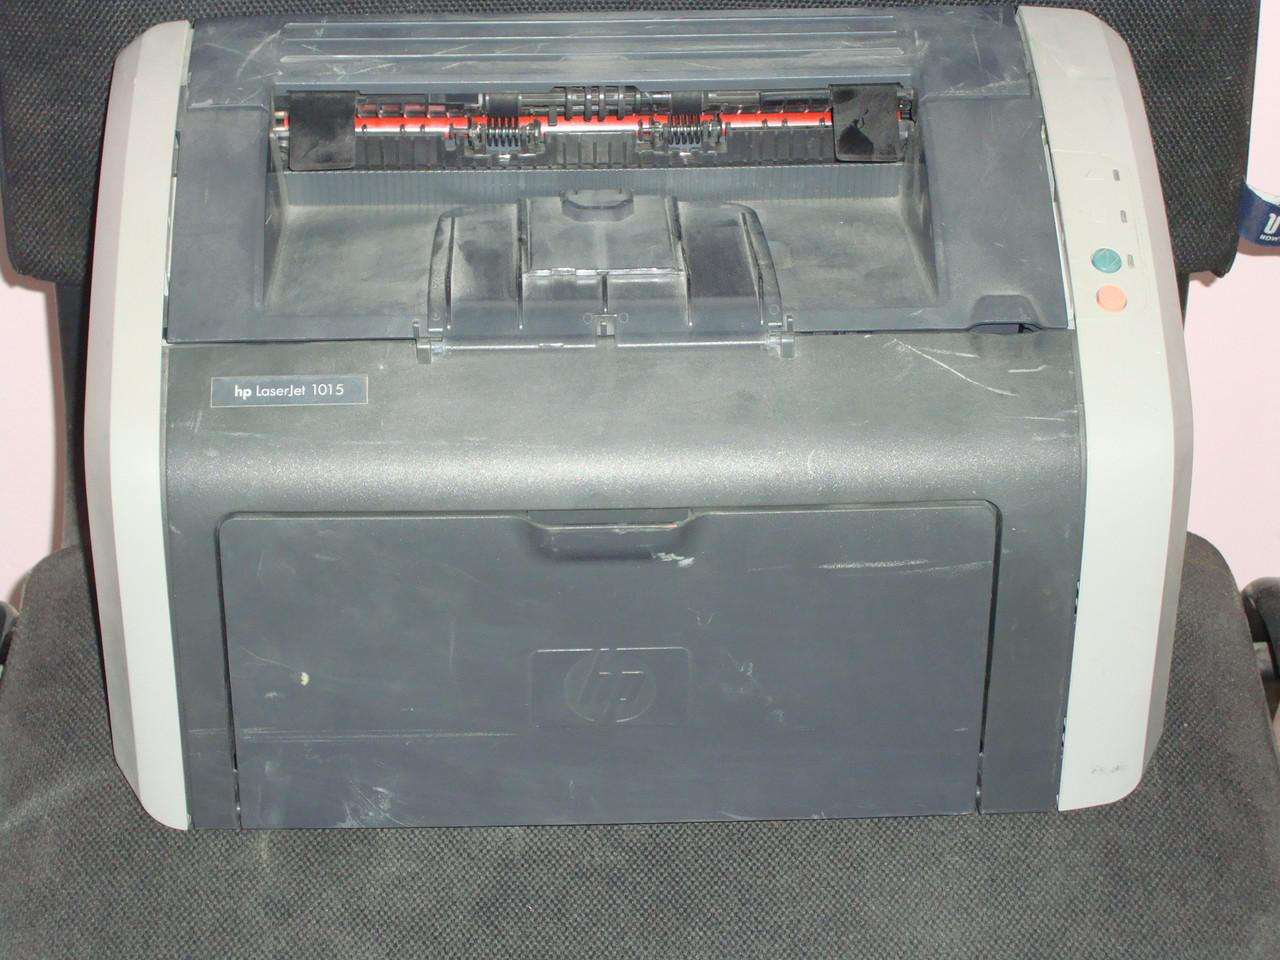 Лазерный принтер HP laserjet 1015,б/у,на запчасти